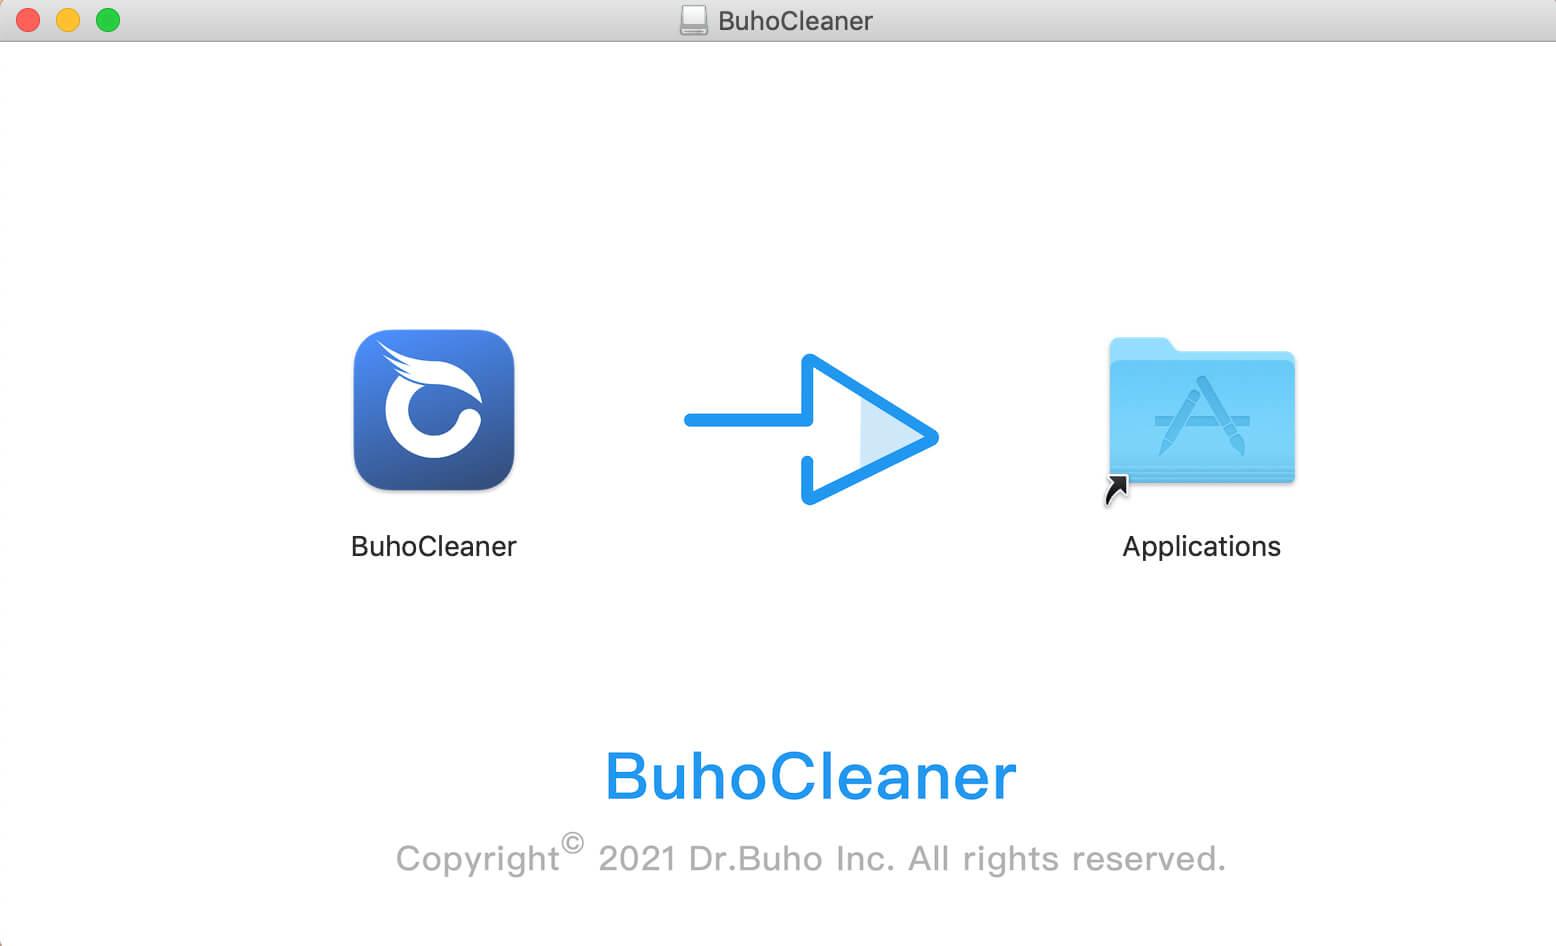 buhocleaner-Aplicaciones